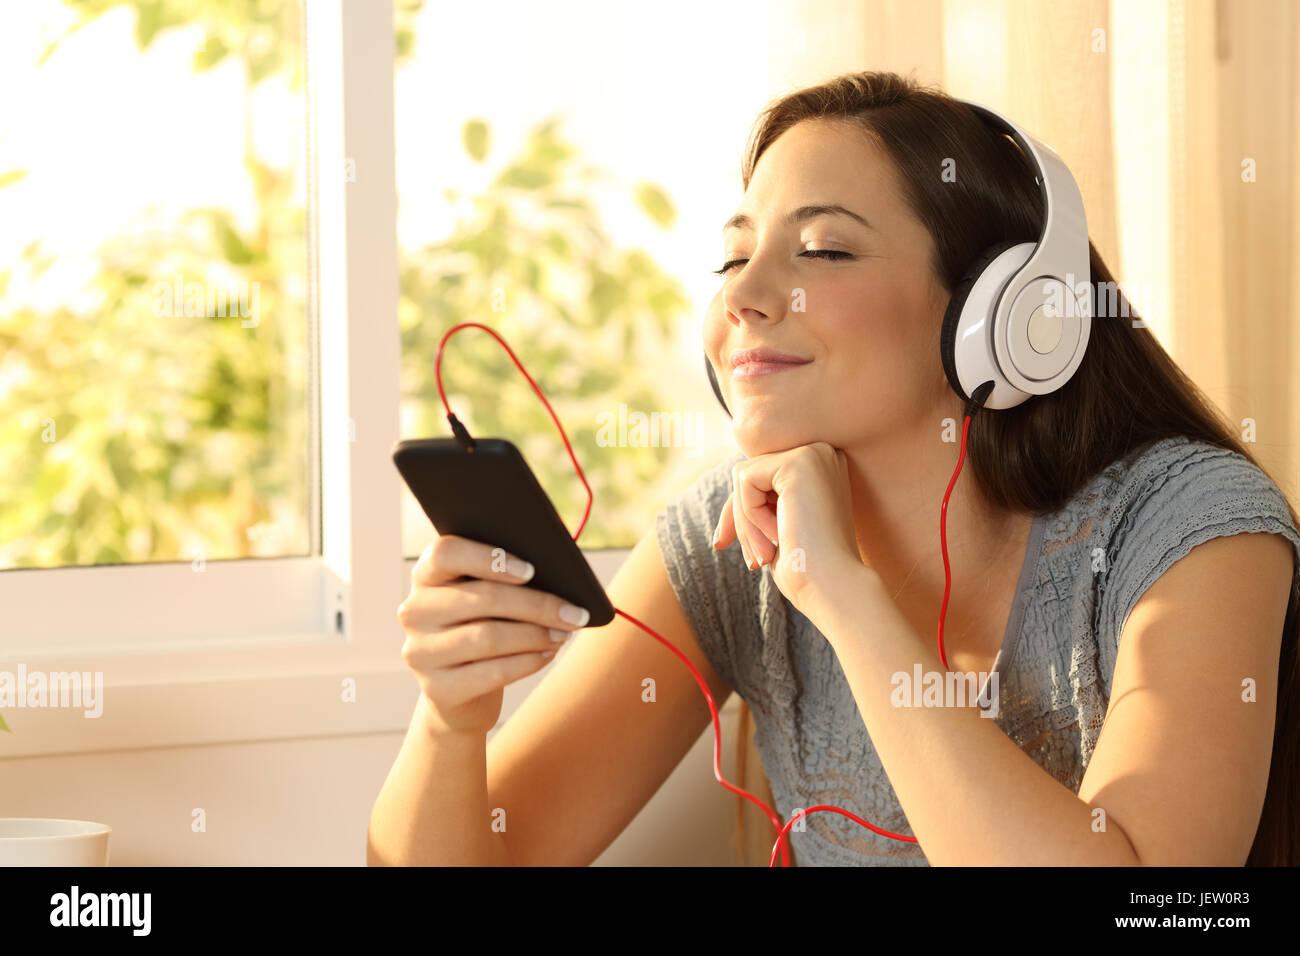 Relaxed woman listening music avec un casque et un téléphone intelligent à la maison avec une fenêtre à l'arrière-plan Banque D'Images